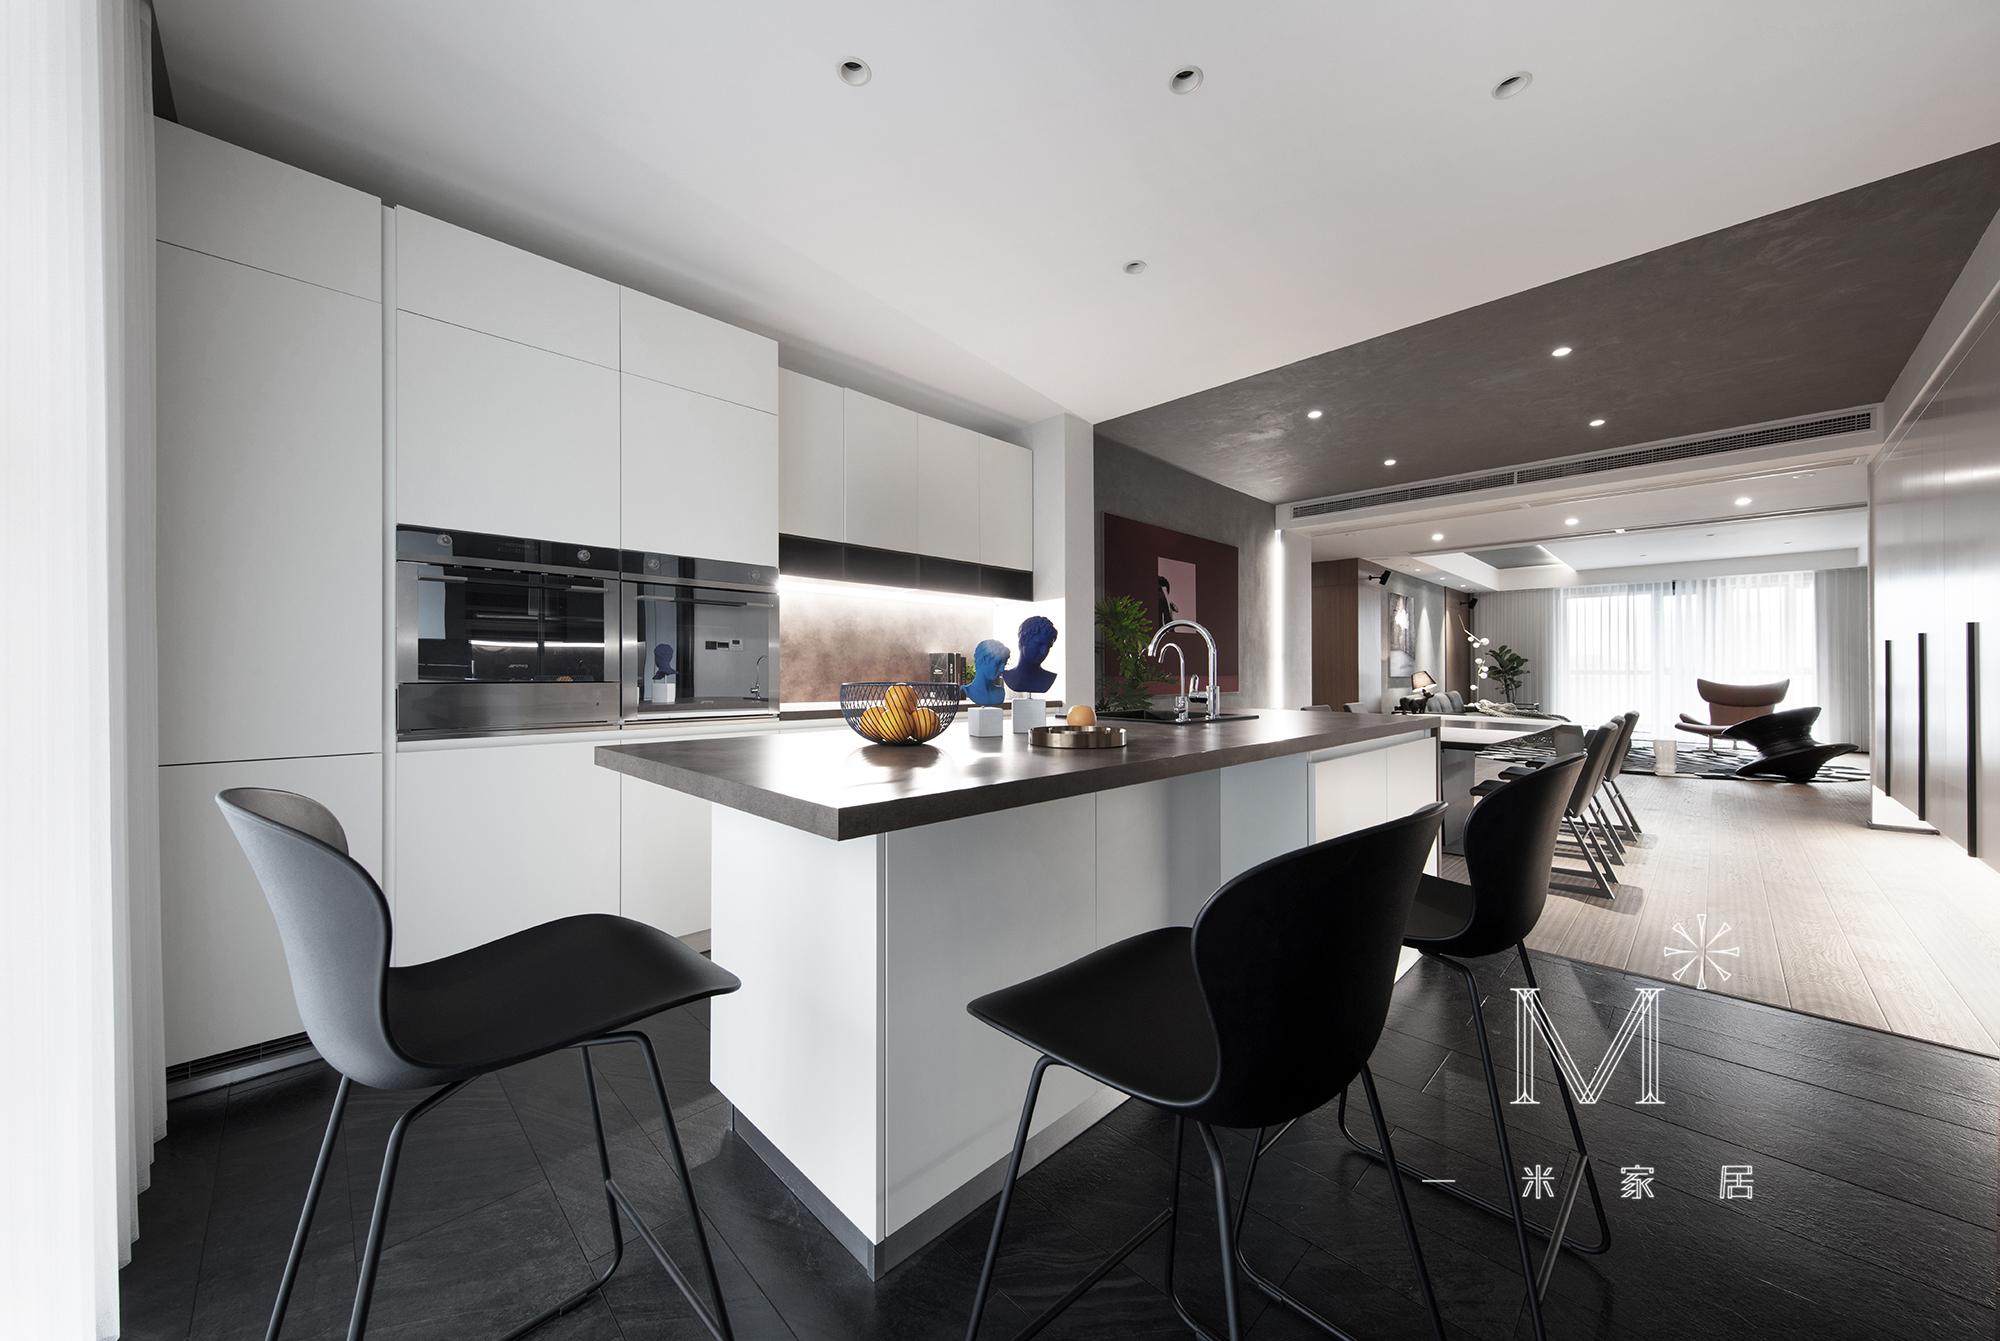 明亮102平北欧三居厨房效果图功能区北欧极简功能区设计图片赏析